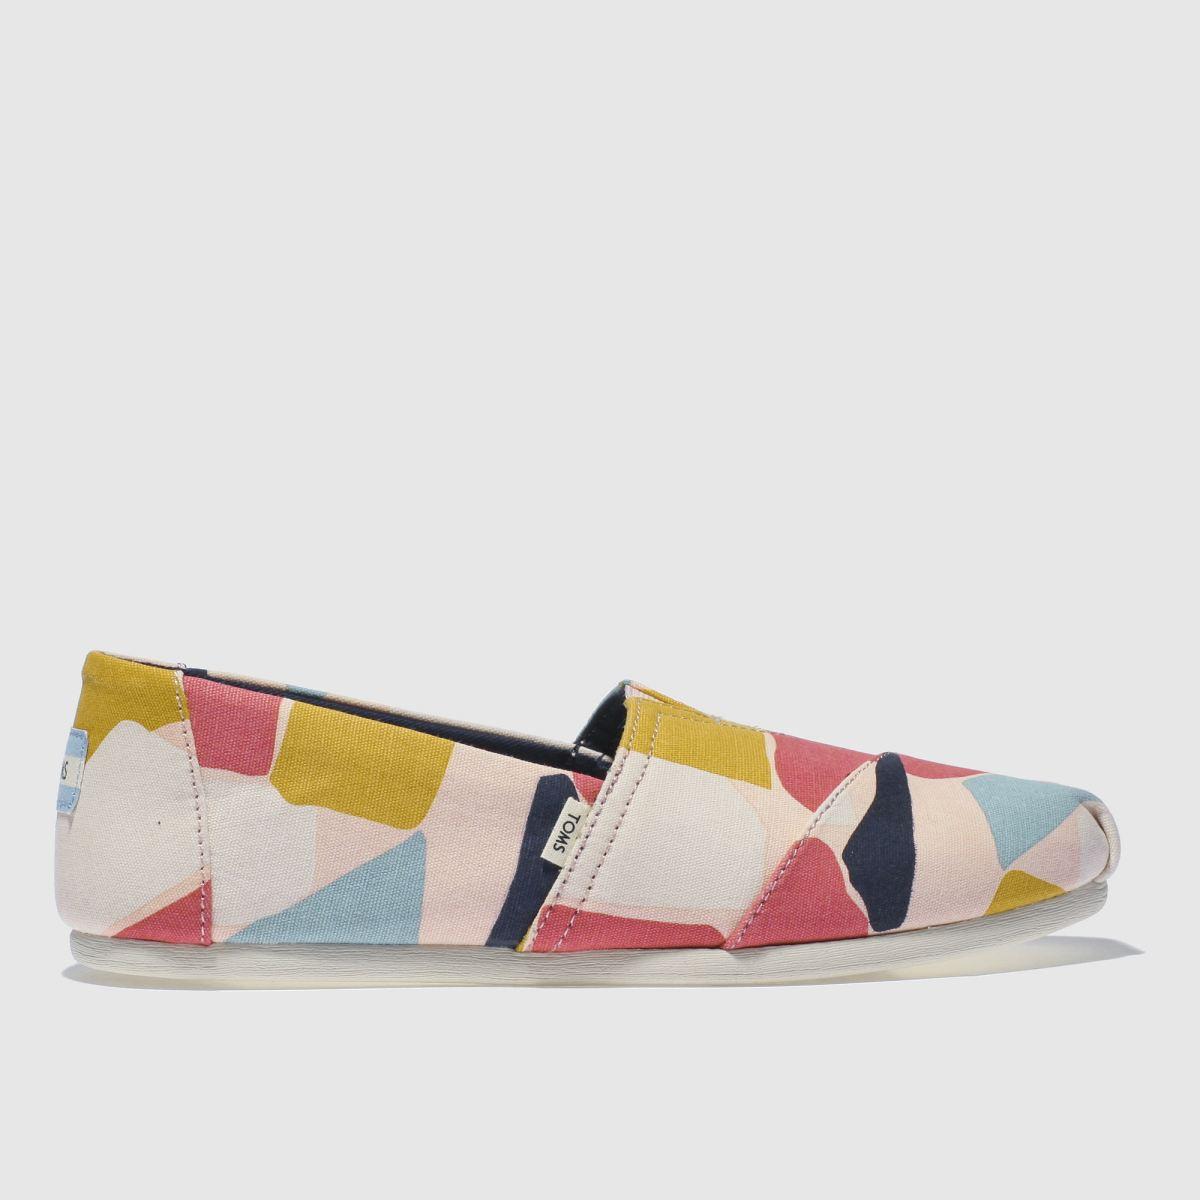 Toms Pink & Blue Alpargata Venice Flat Shoes